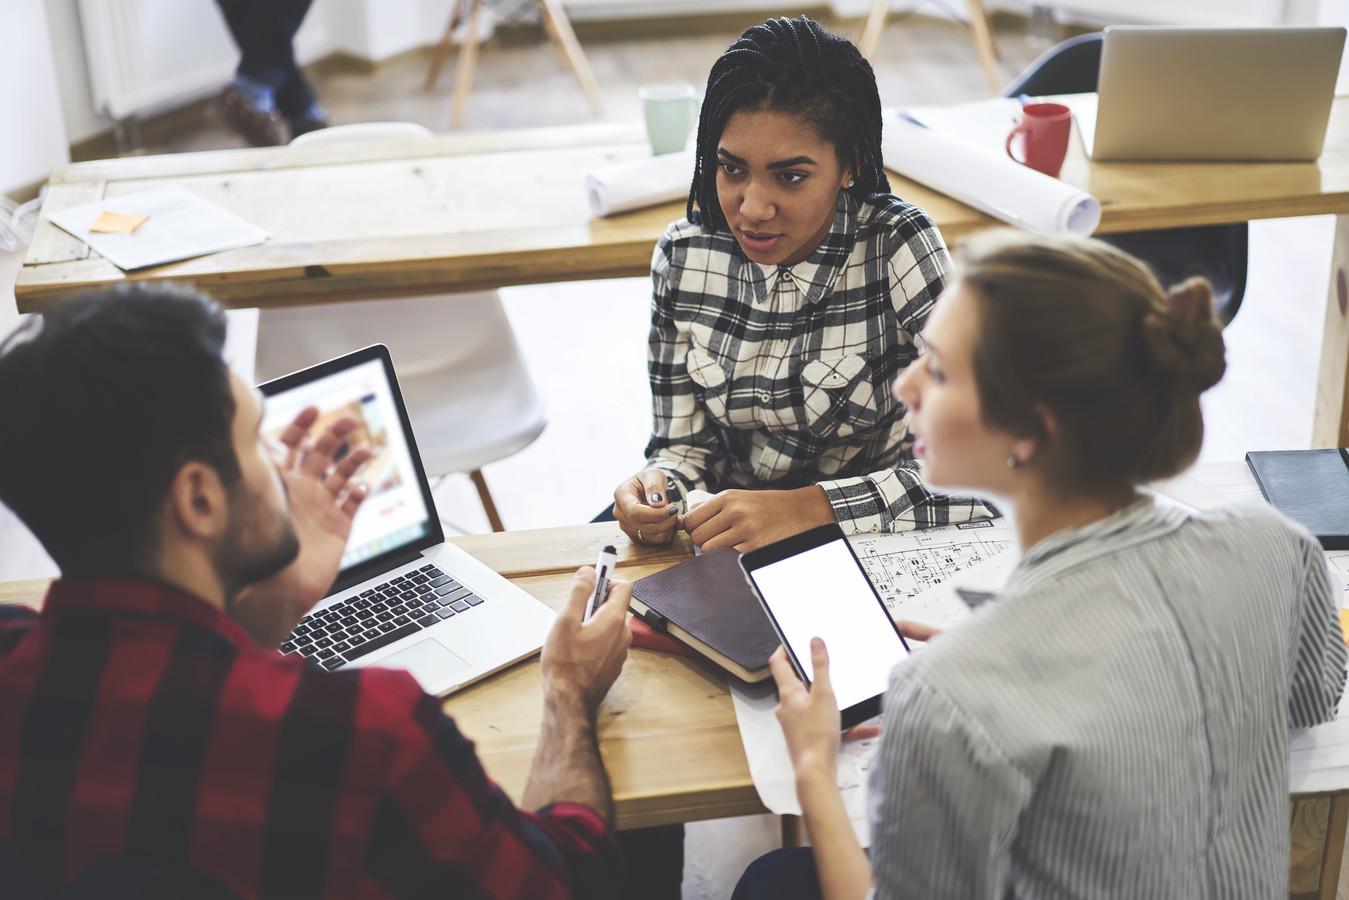 Foto ter illustratie. Voor millennials is de inhoud van het werk het belangrijkst als zij een baan zoeken. Ook kijken ze naar mogelijkheden om zich door te ontwikkelen.